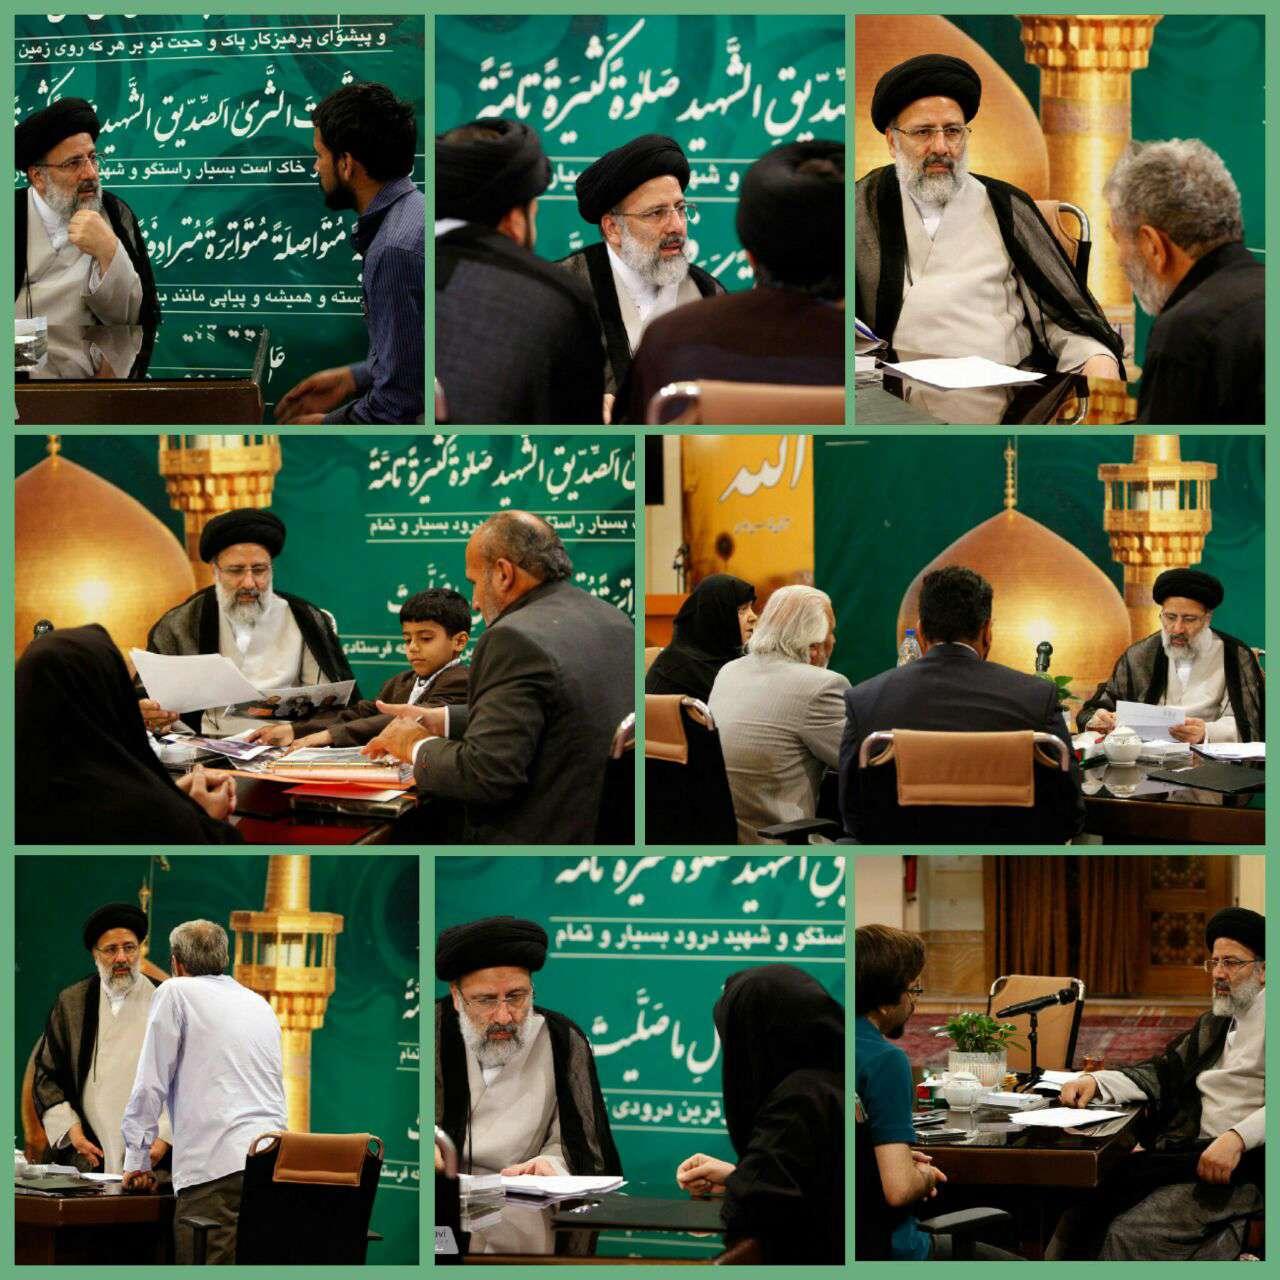 ملاقات مردمی حجت الاسلام و المسلمین رئیسی در حرم مطهر رضوی